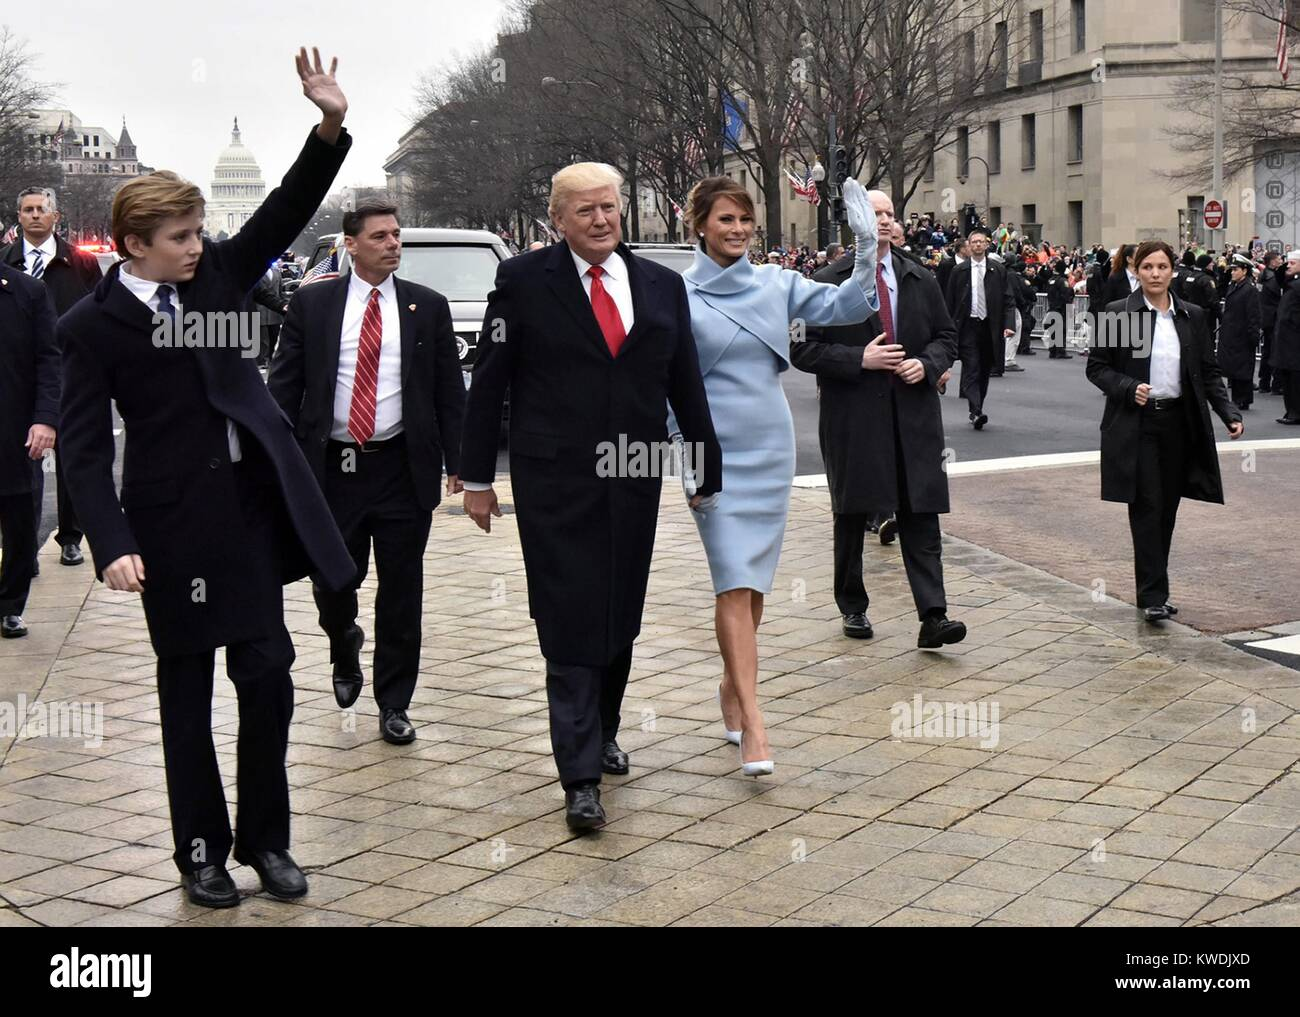 Präsident Donald Trumps Eröffnungs-Parade mit der neuen First Lady, Melania Trump, und Barron Trumpf. Stockbild